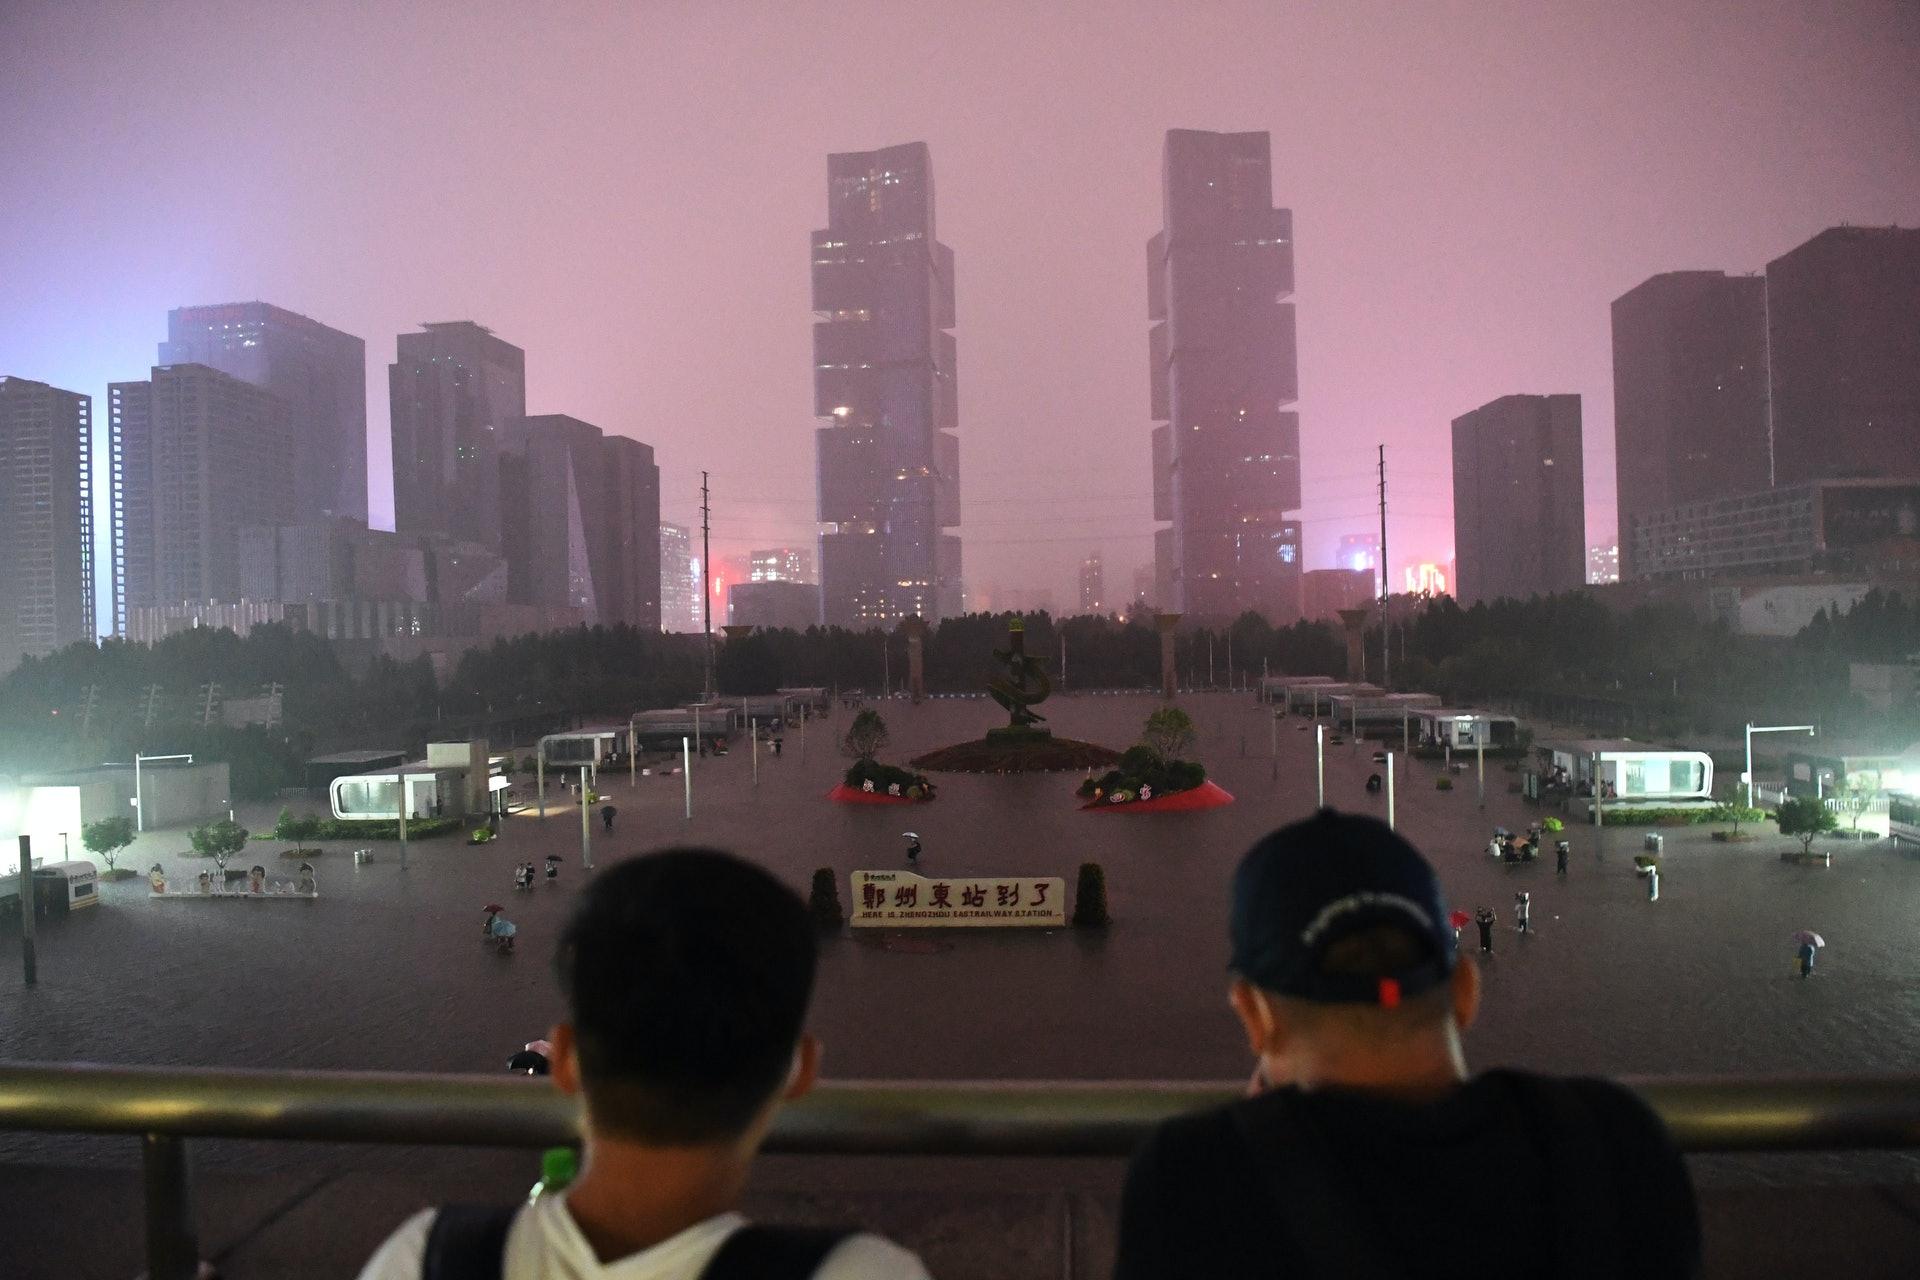 7月20日,河南省鄭州市受強降雨影響,單日降雨量突破歷史極值,單小時降雨量超過日曆史極值。暴雨致使鄭州東站多趟列車停運,市區道路積水嚴重,交通中斷,大量旅客滯留車站。(新華社)